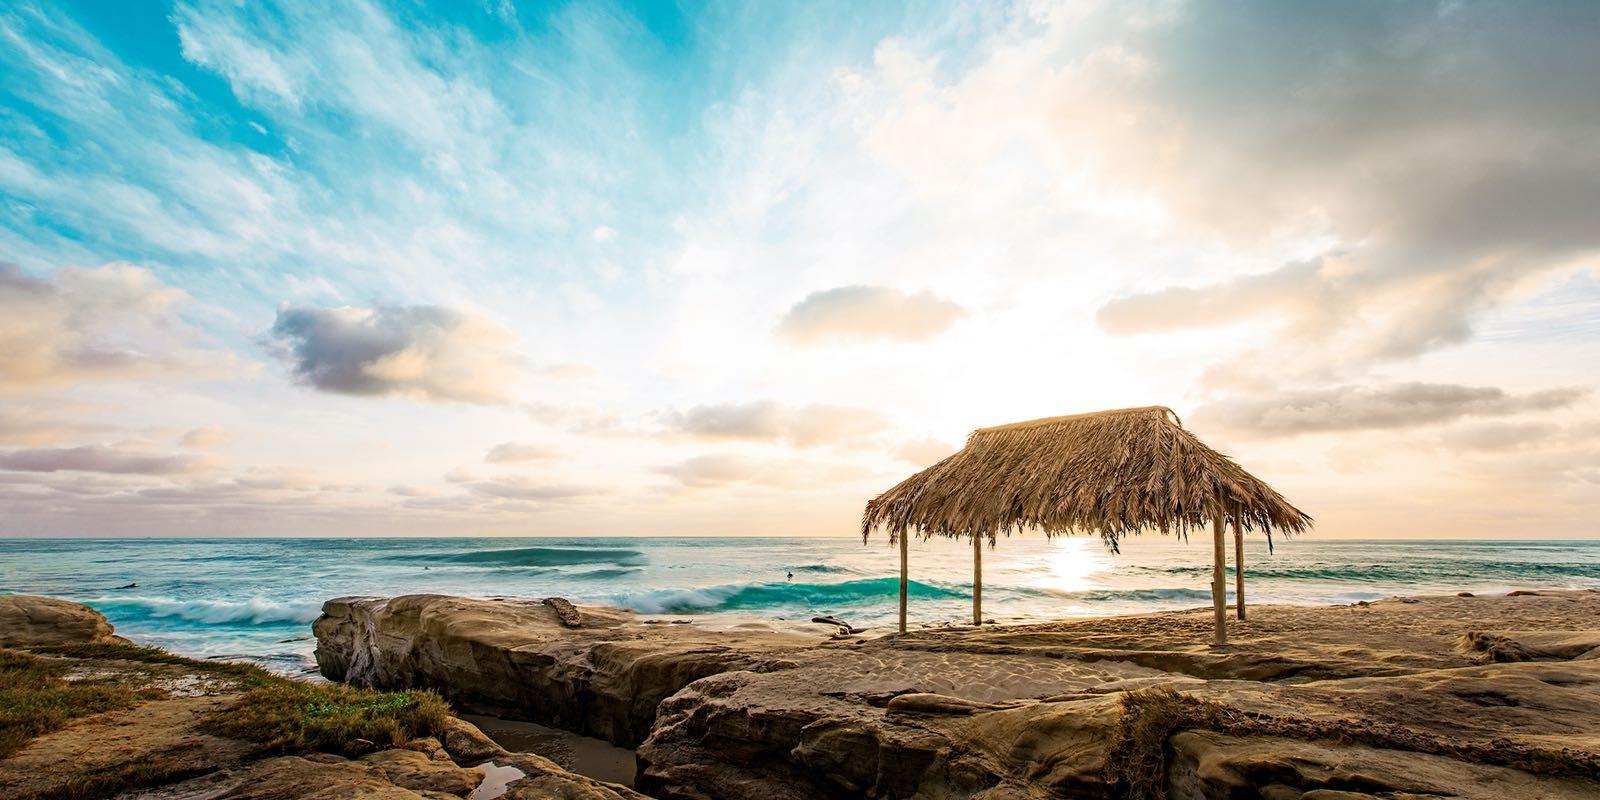 Hình ảnh background bãi đá bờ biển chòi rơm